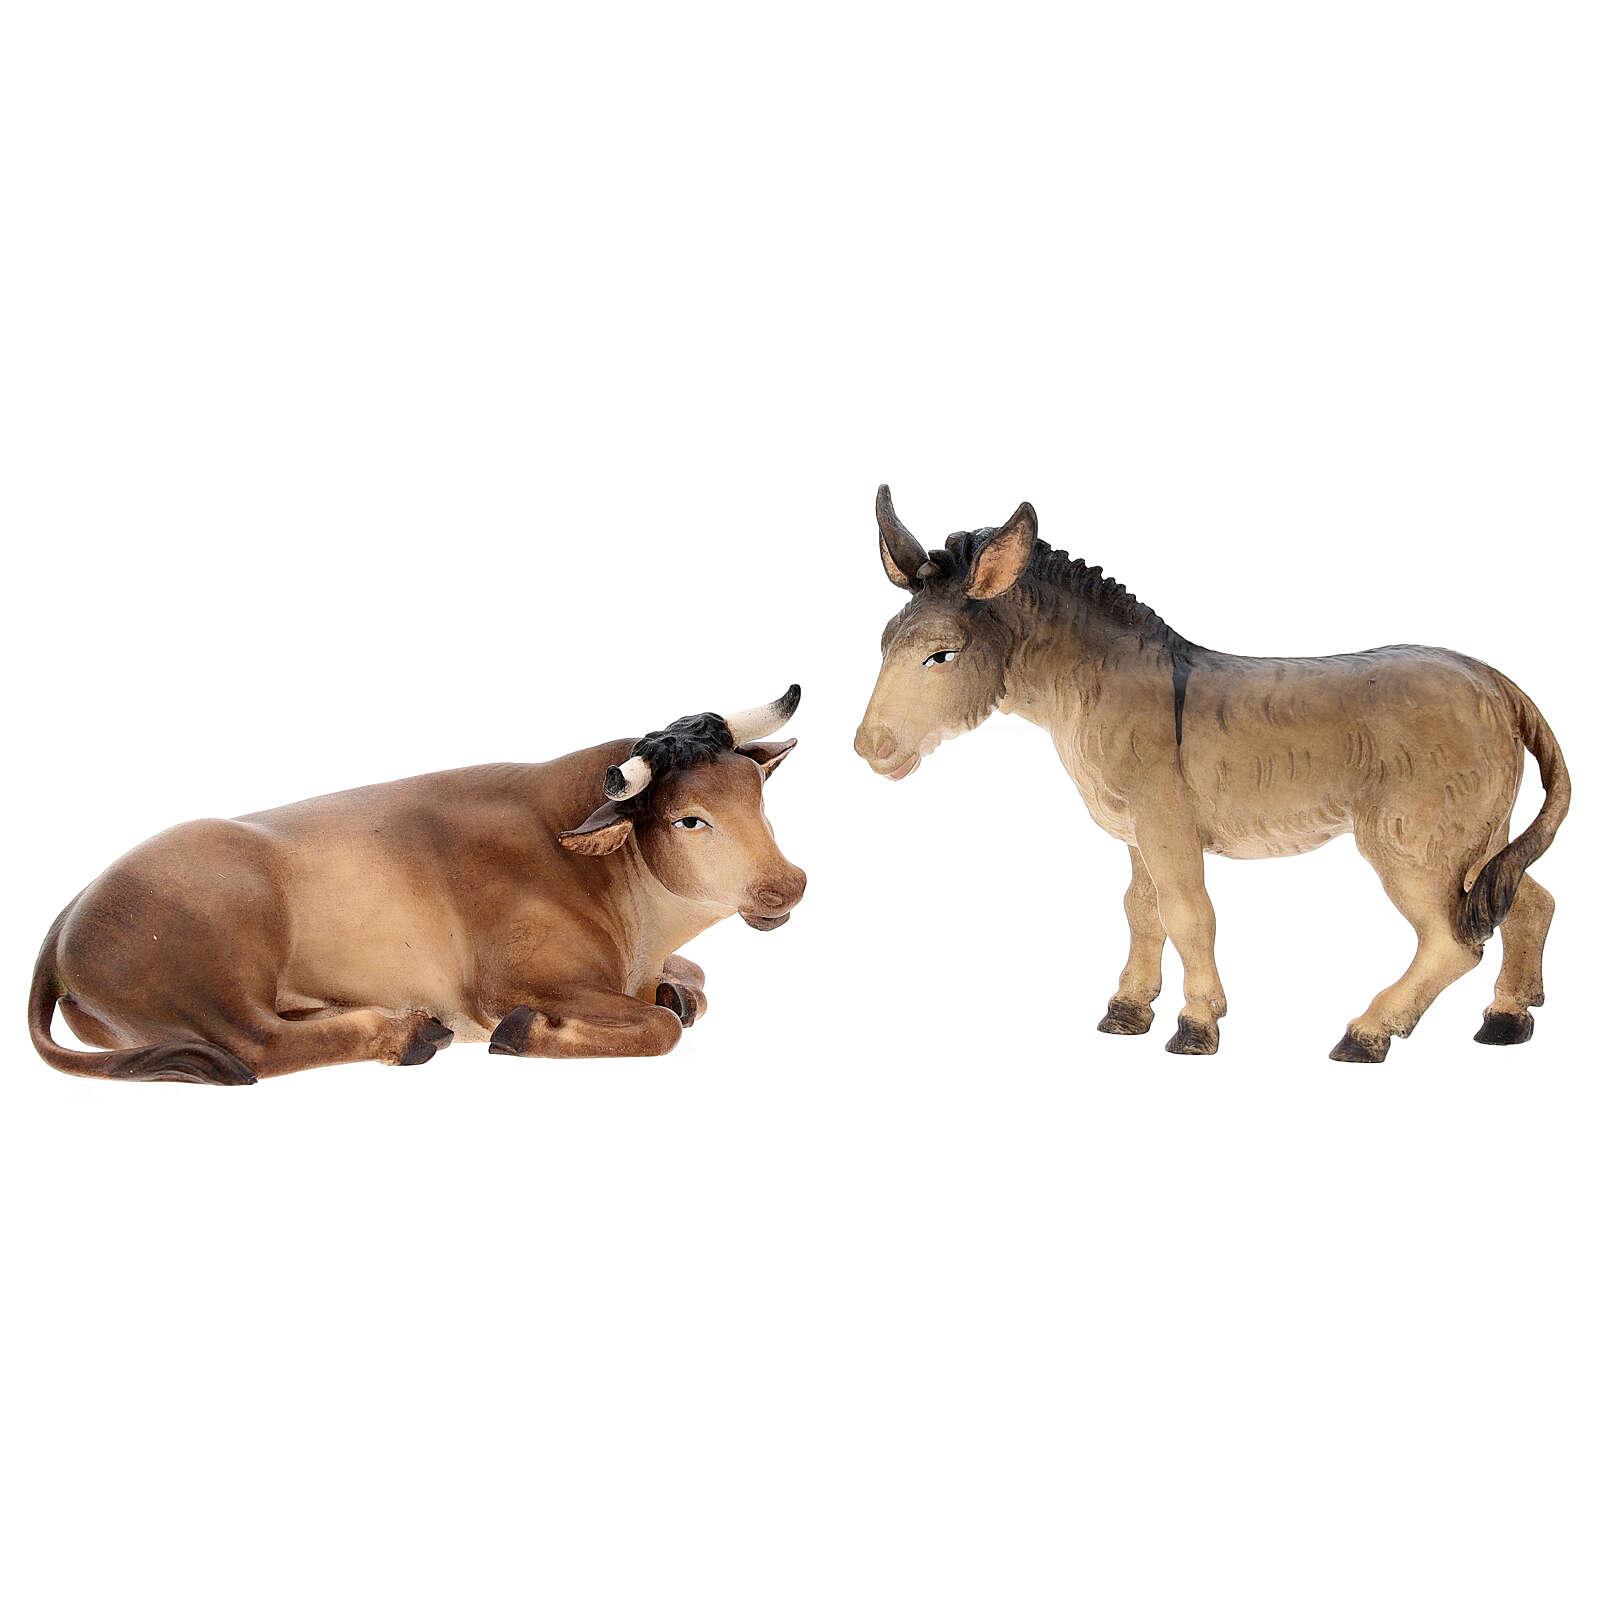 Buey y burro para belén Original Pastor madera pintada en Val Gardena 12 cm de altura media 4